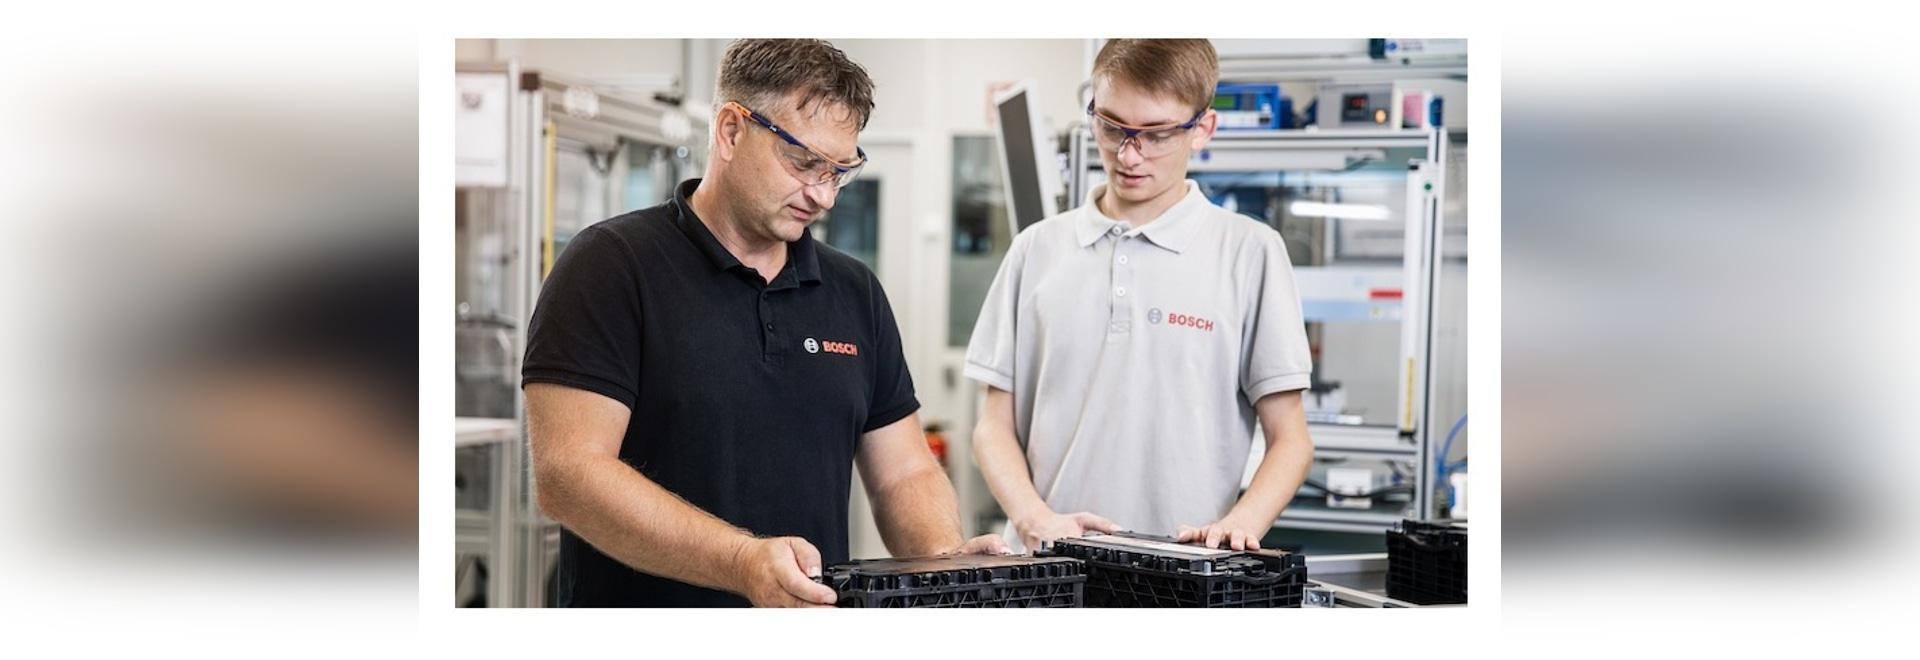 Bosch y CATL se asocian para fabricar células de batería de 48 voltios